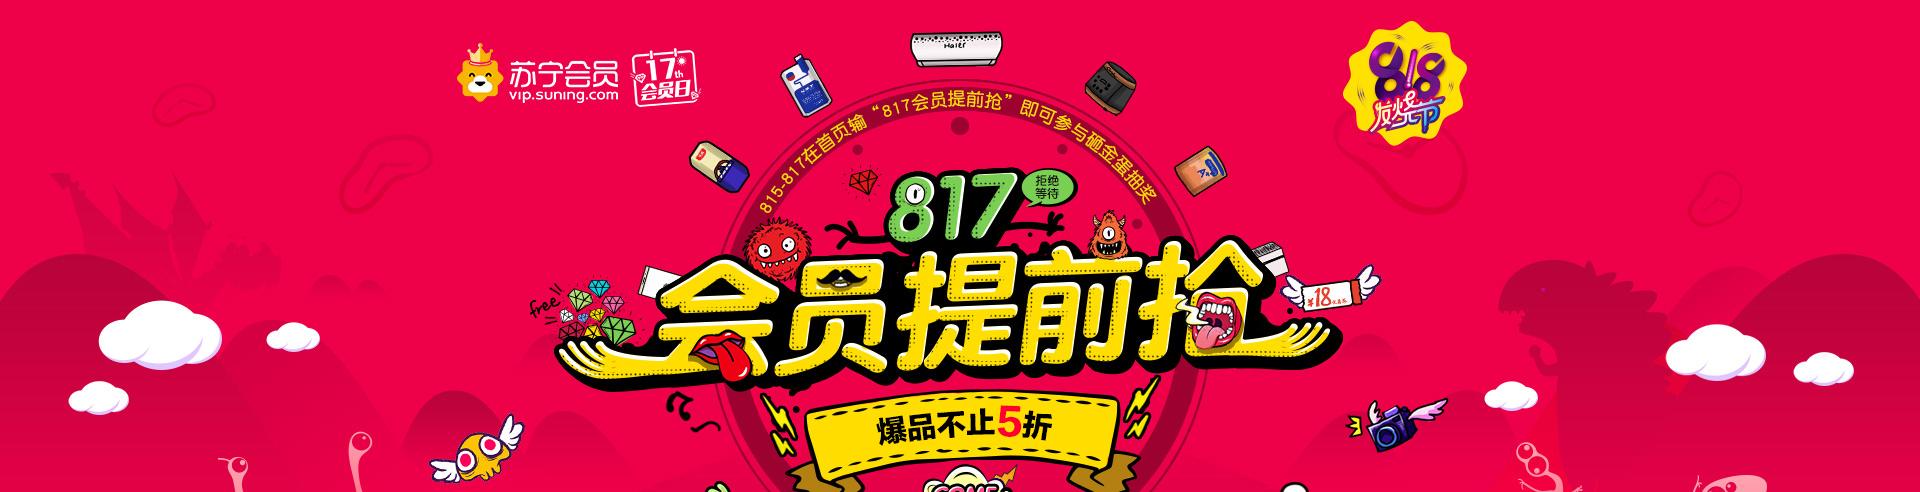 [苏宁]818发烧节 - Luck4ever.Net